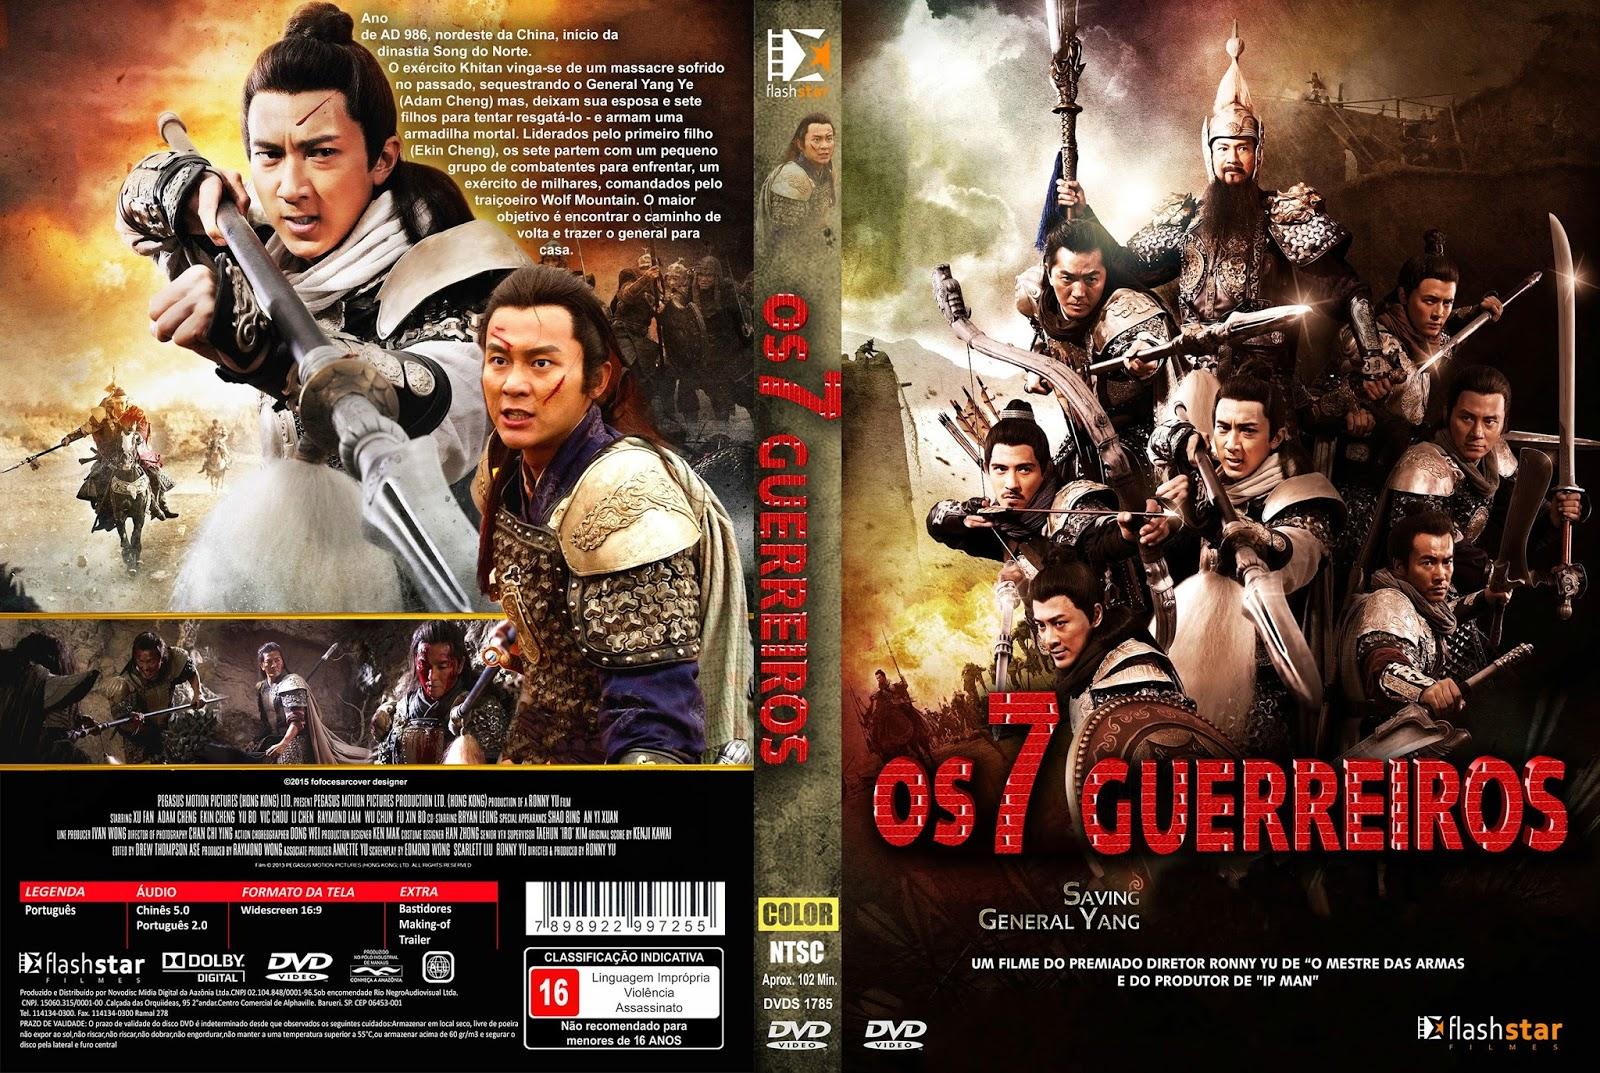 Download Os 7 Guerreiros DVD-R 9tvbbrq